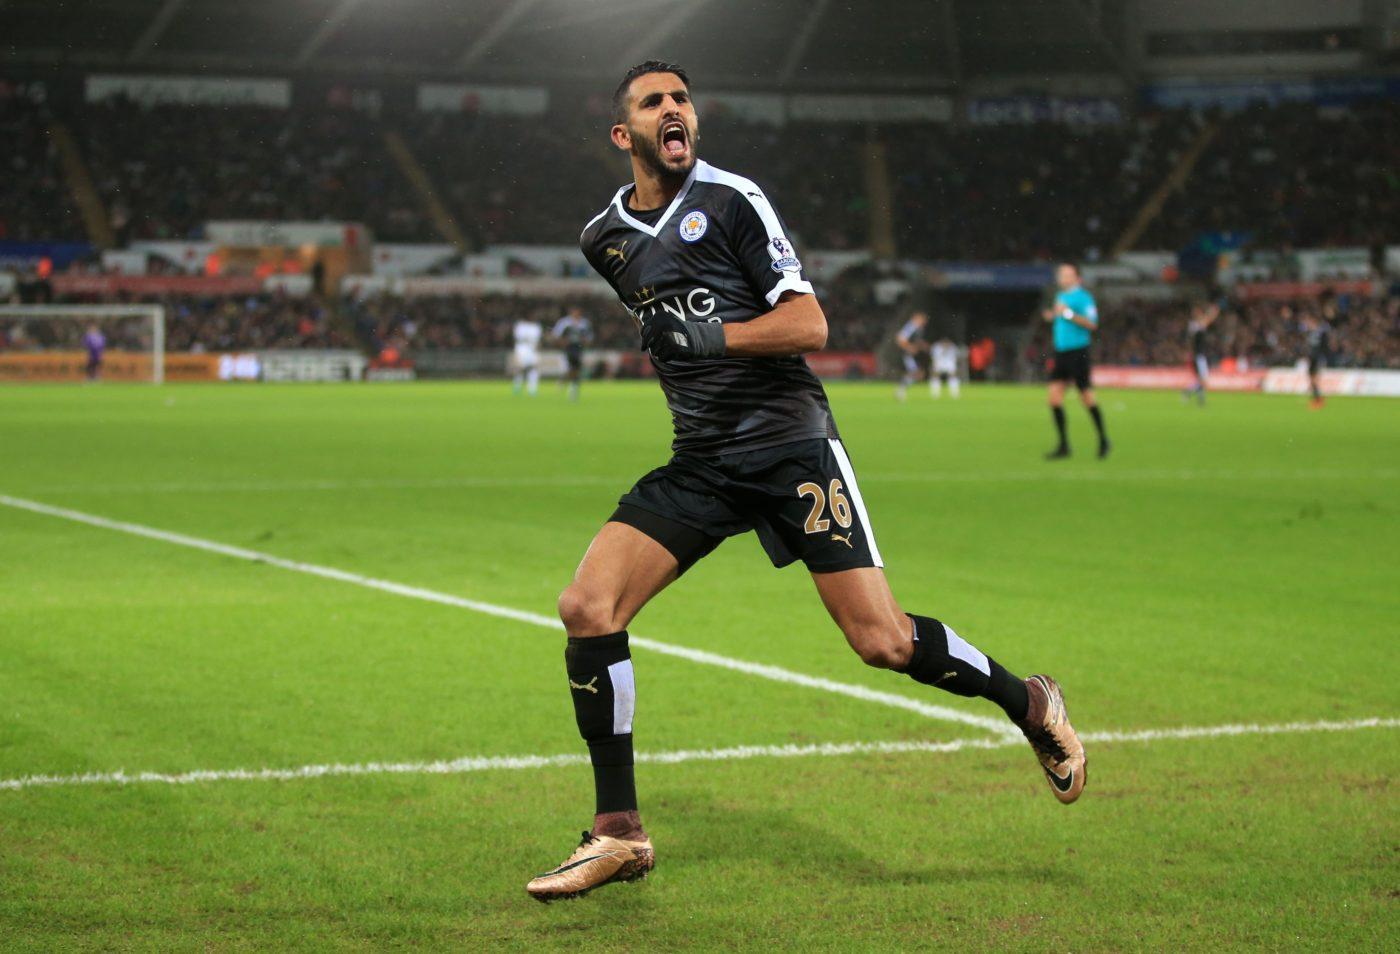 City znów zwycięskie, udany debiut Lamberta, Silva zwolniony z Watfordu